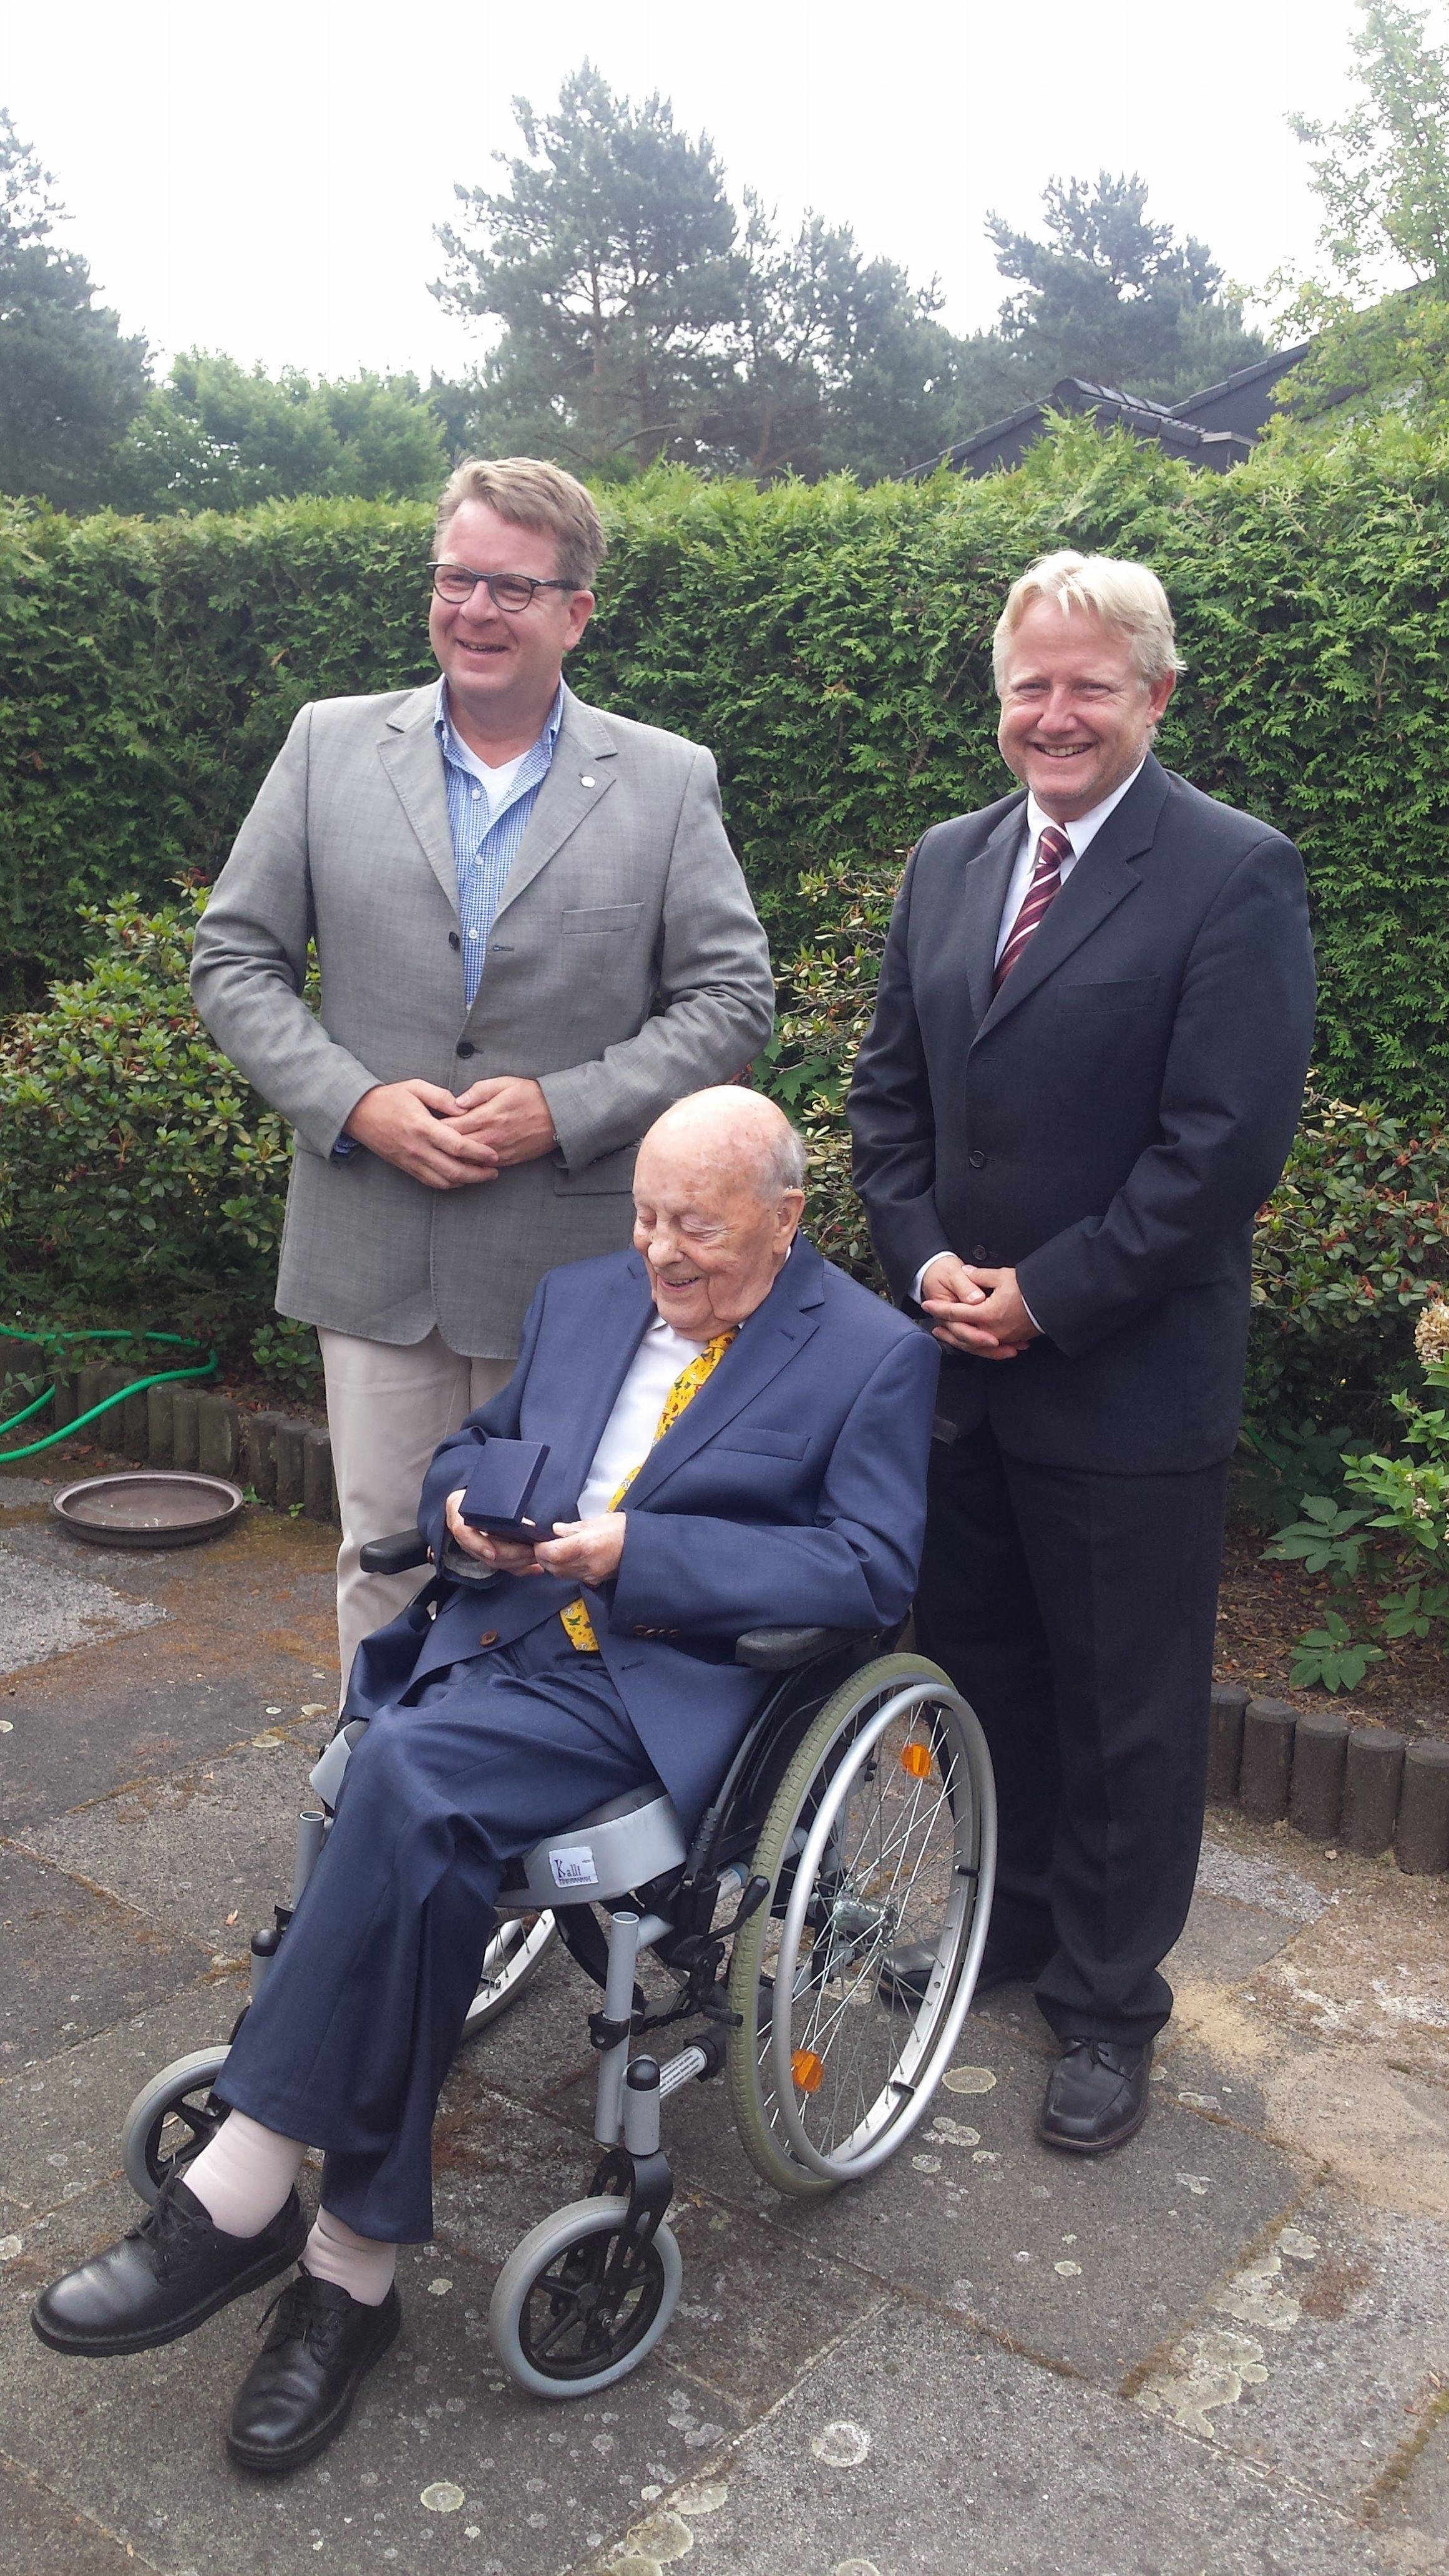 Wir haben einen ganz besonderen Geburtstag zu feiern! 100. Geburtstag von Friedrich Ludwig Tile von Kalm.